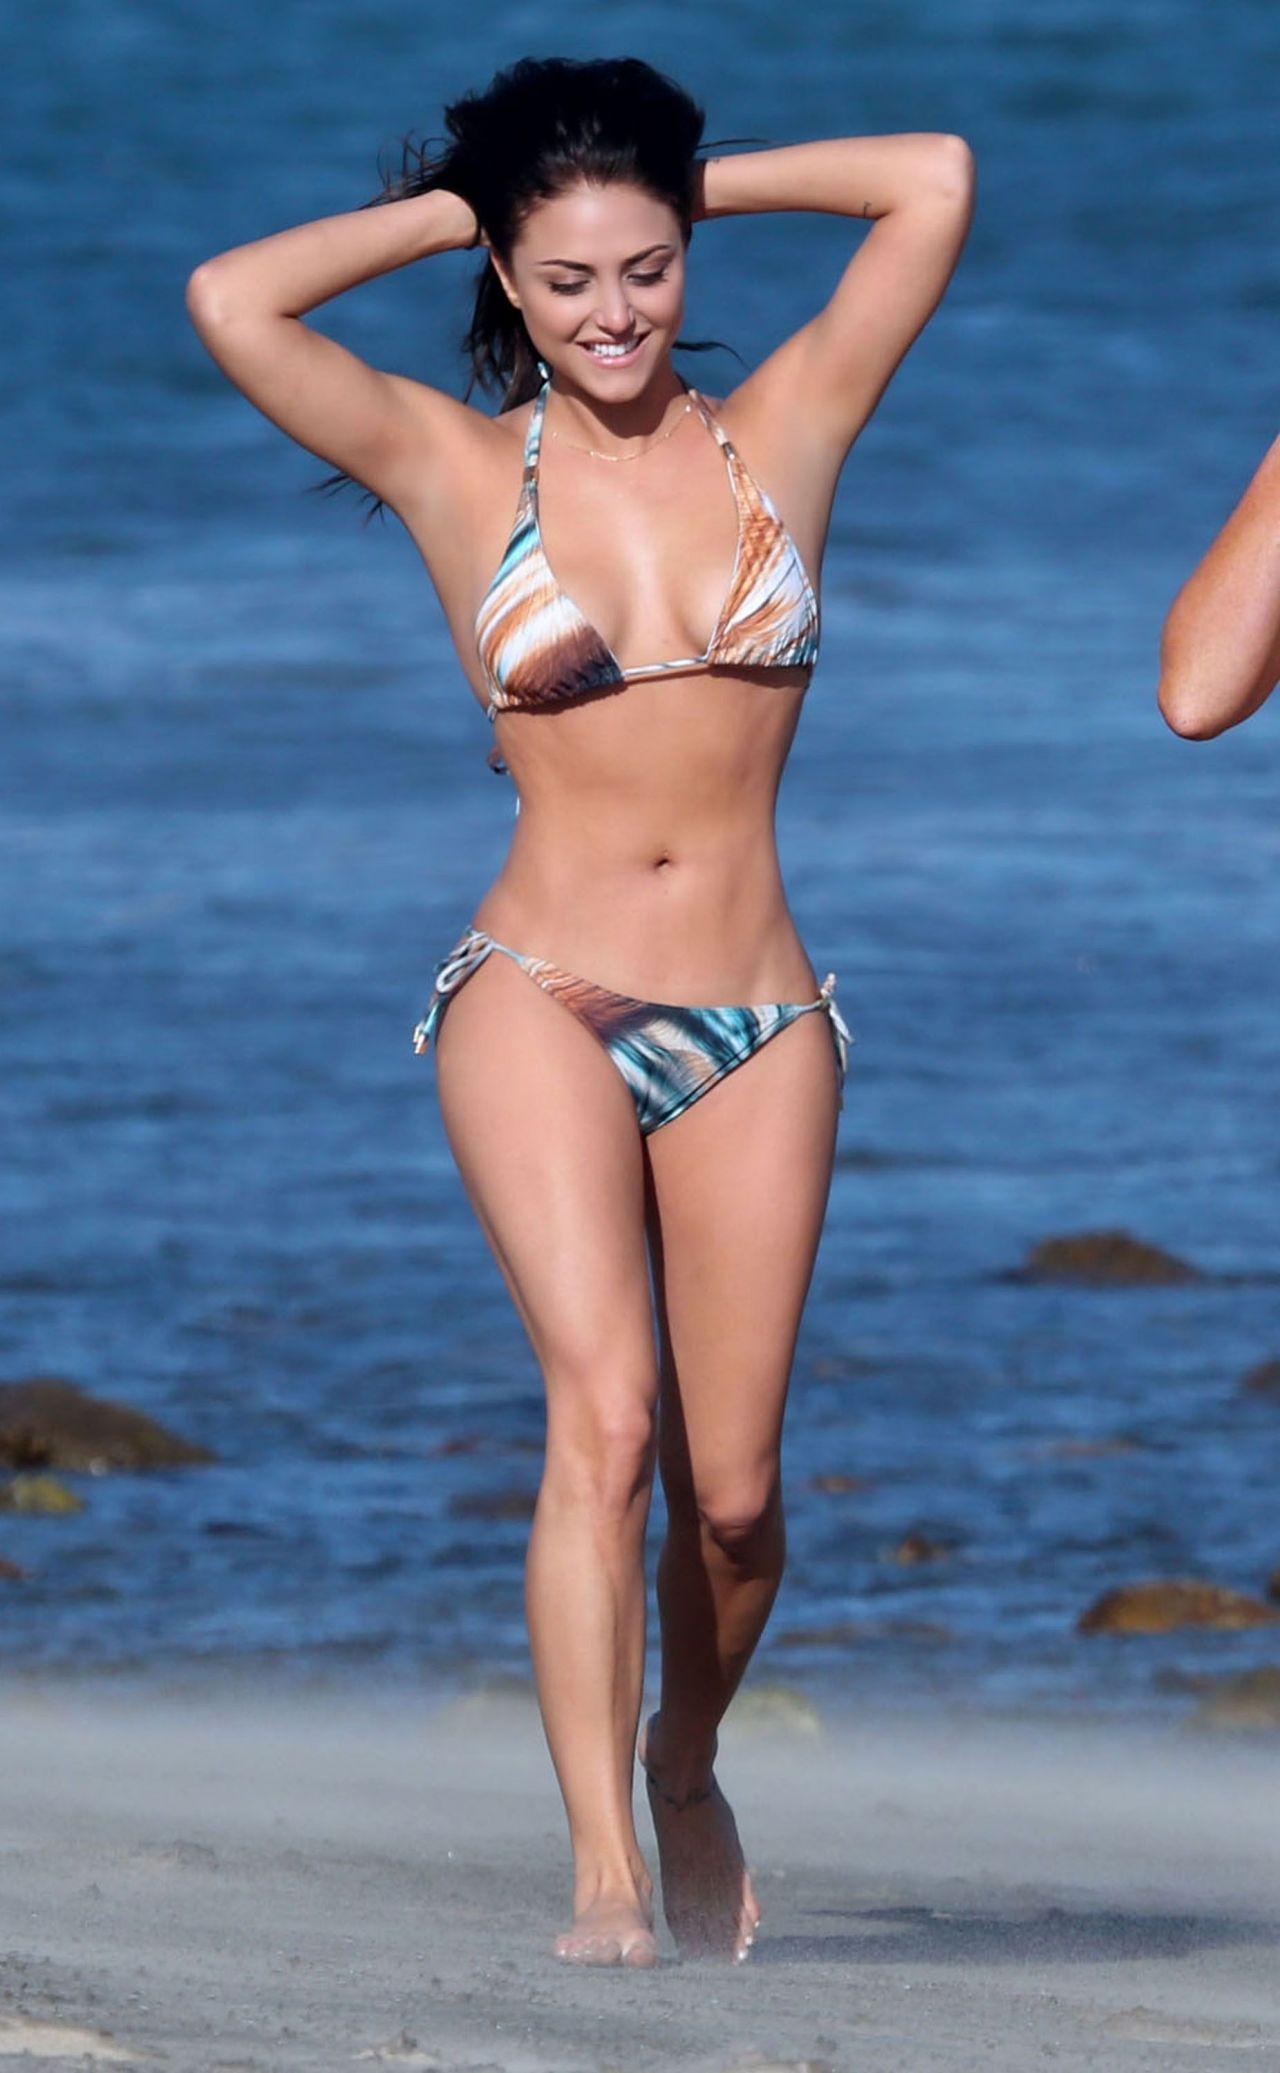 Cassie Scerbo Hot in Bikini - at a Beach in Malibu - April